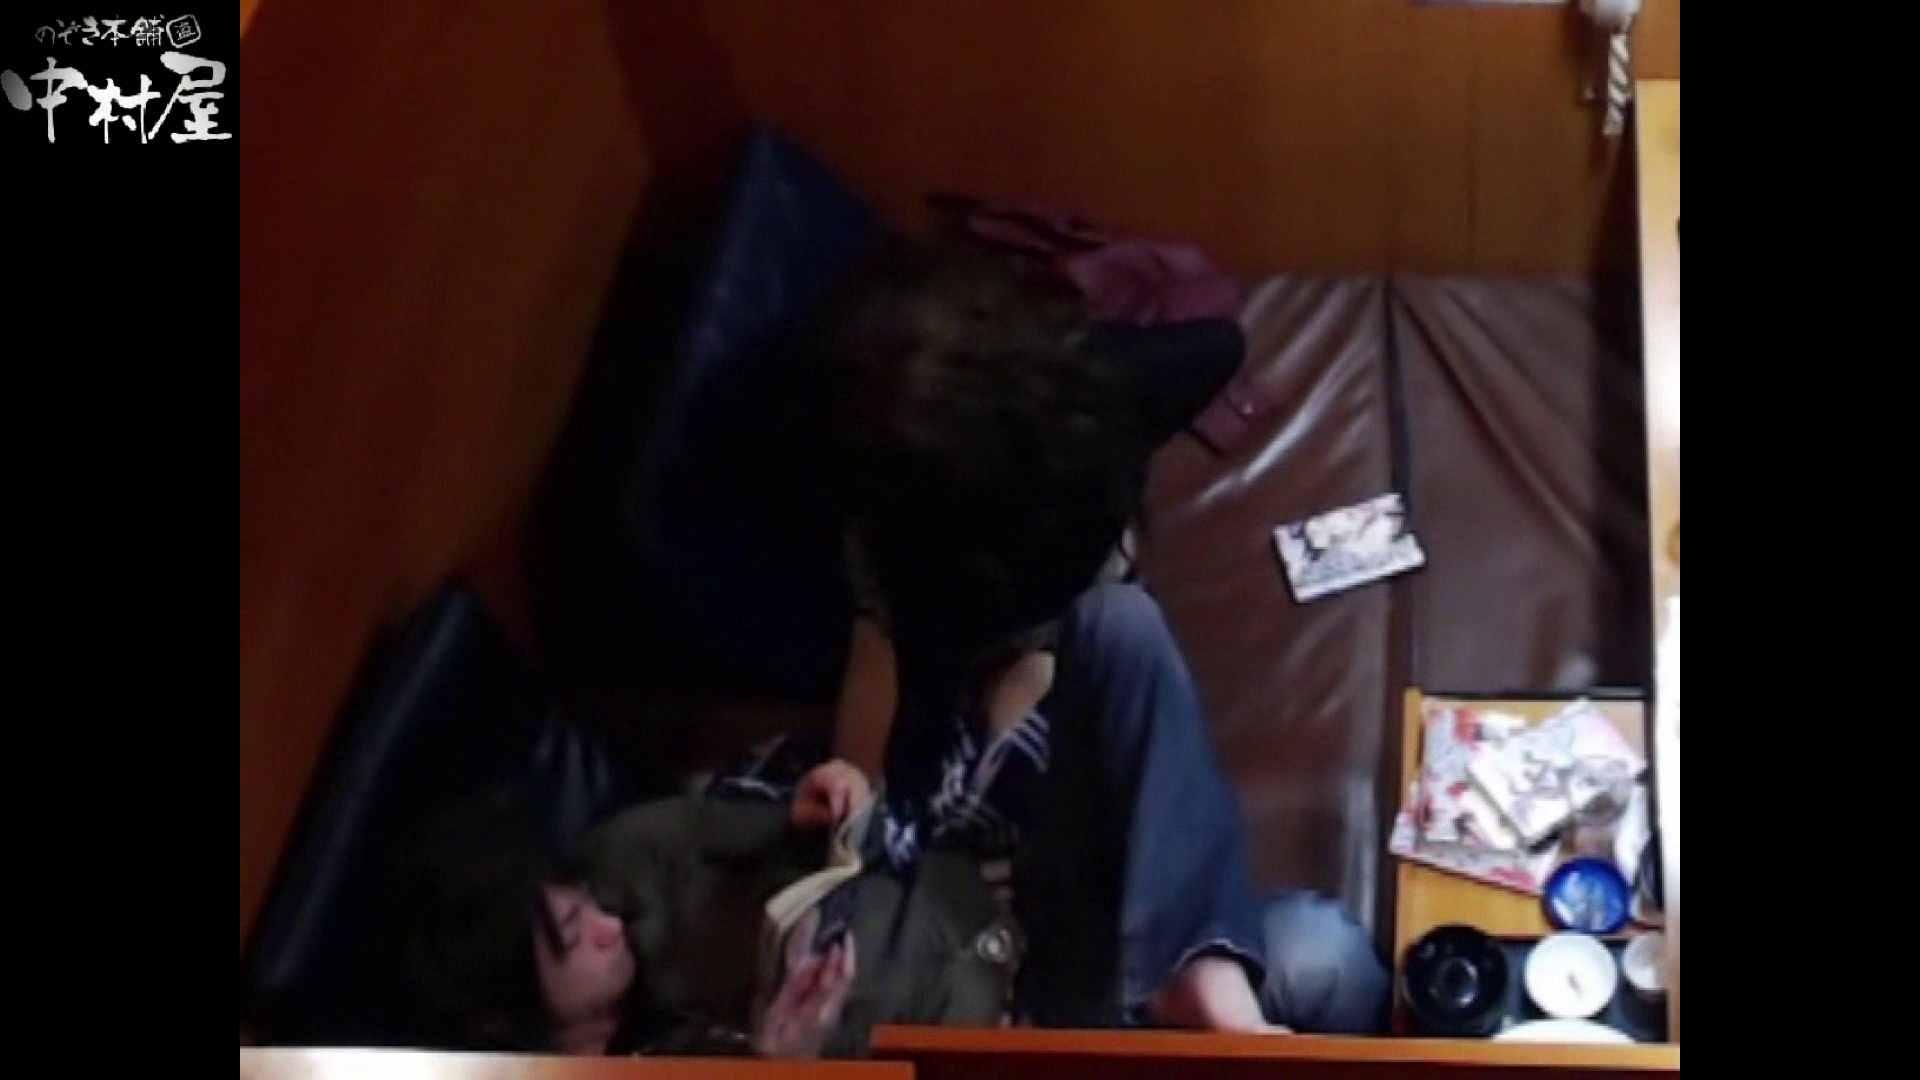 ネットカフェ盗撮師トロントさんの 素人カップル盗撮記vol.4 喘ぎ ワレメ無修正動画無料 102連発 19